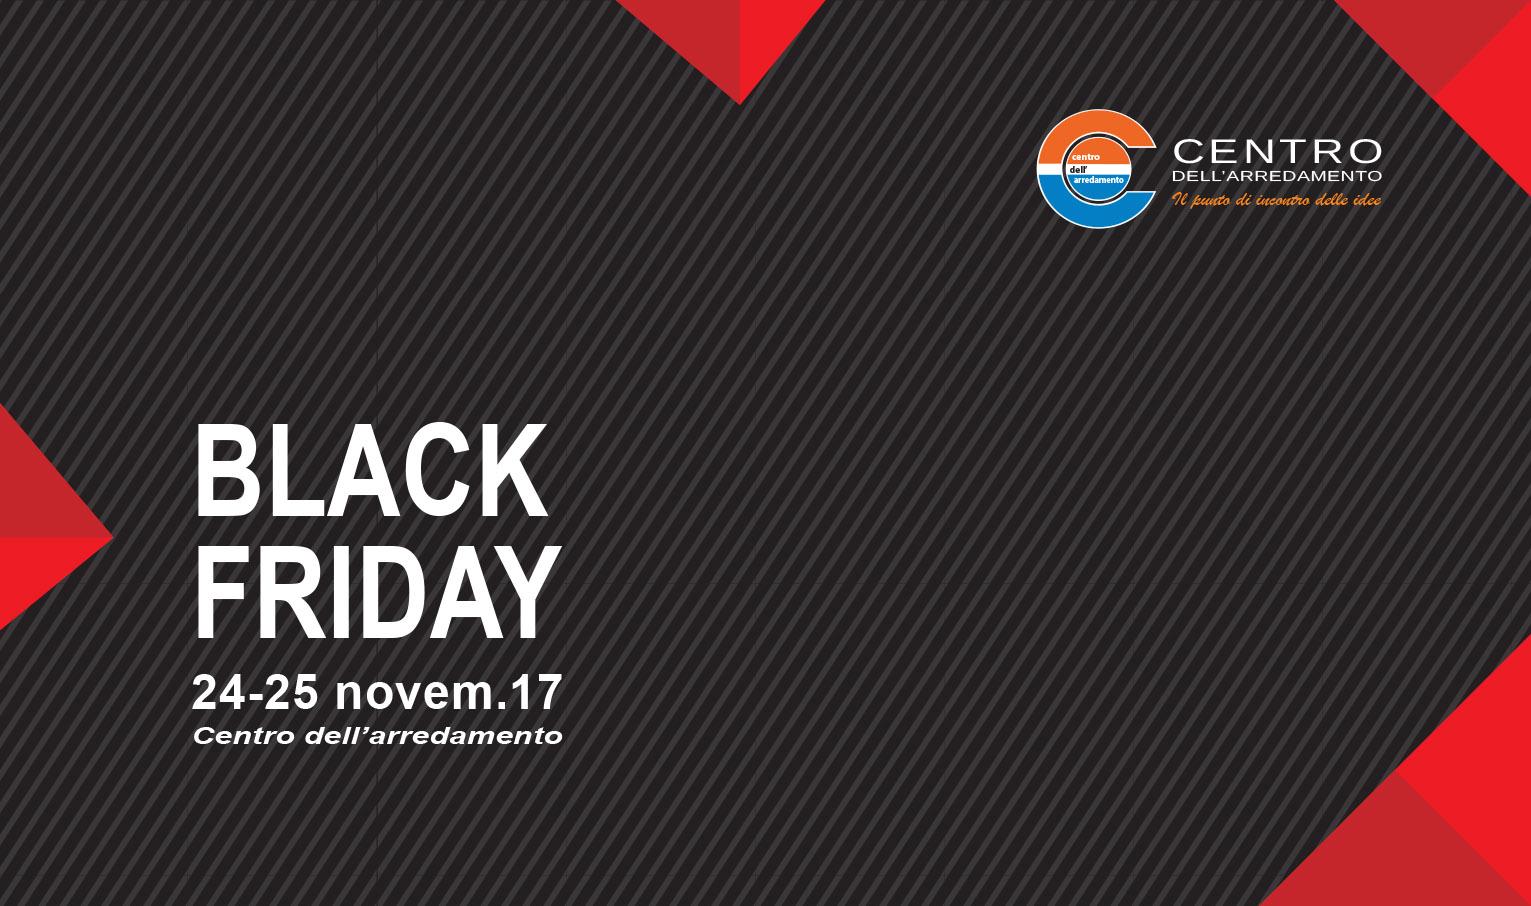 Black friday a savona 24 25 novembre centro dell for Black friday arredamento